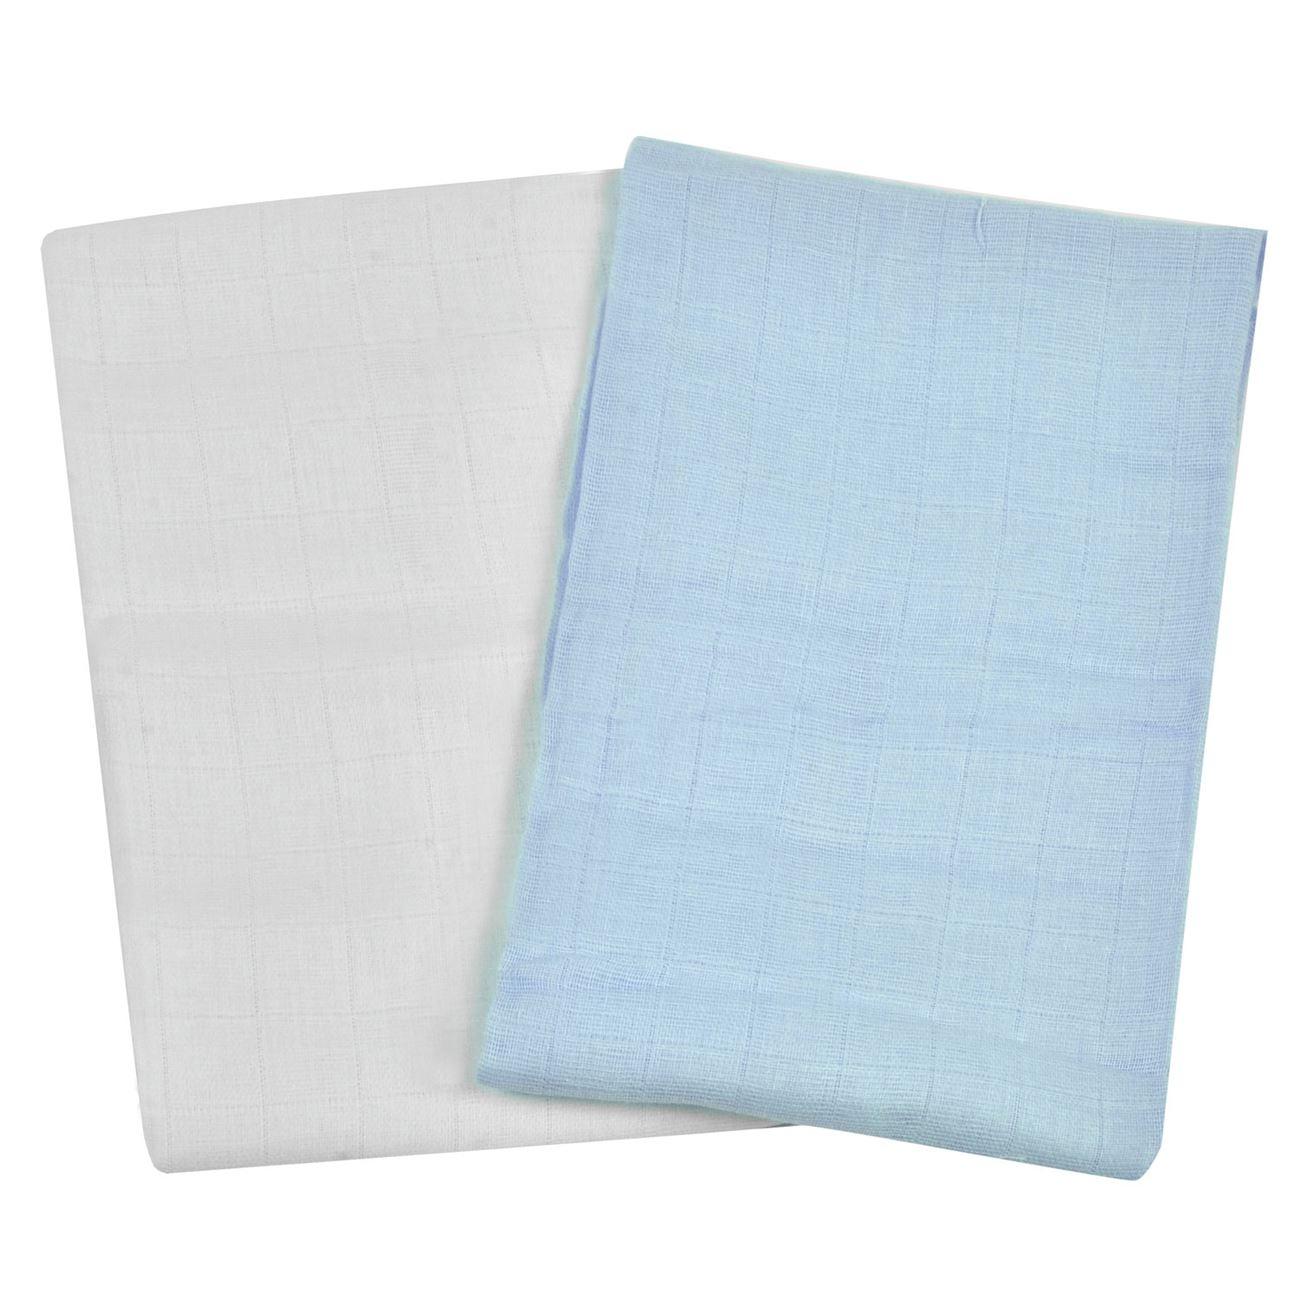 Πάνα Αγκαλιάς Μουσελίνα Λευκό Σιέλ 70x70 - 2 τμχ.   Πάνες Χασέ  be88d639e64